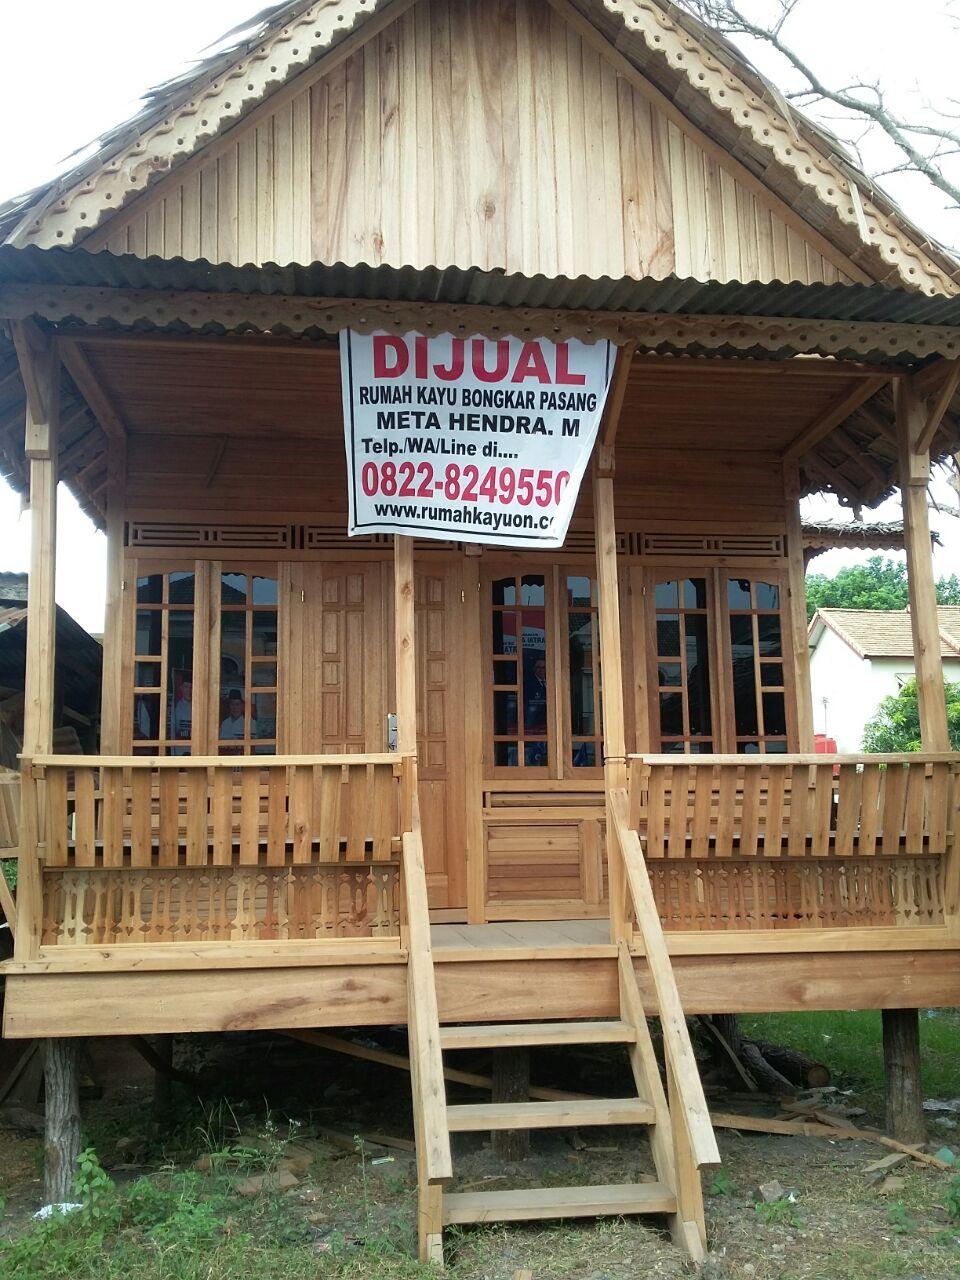 Rumah Kayu Bongkar Pasang Palembang 082282495500